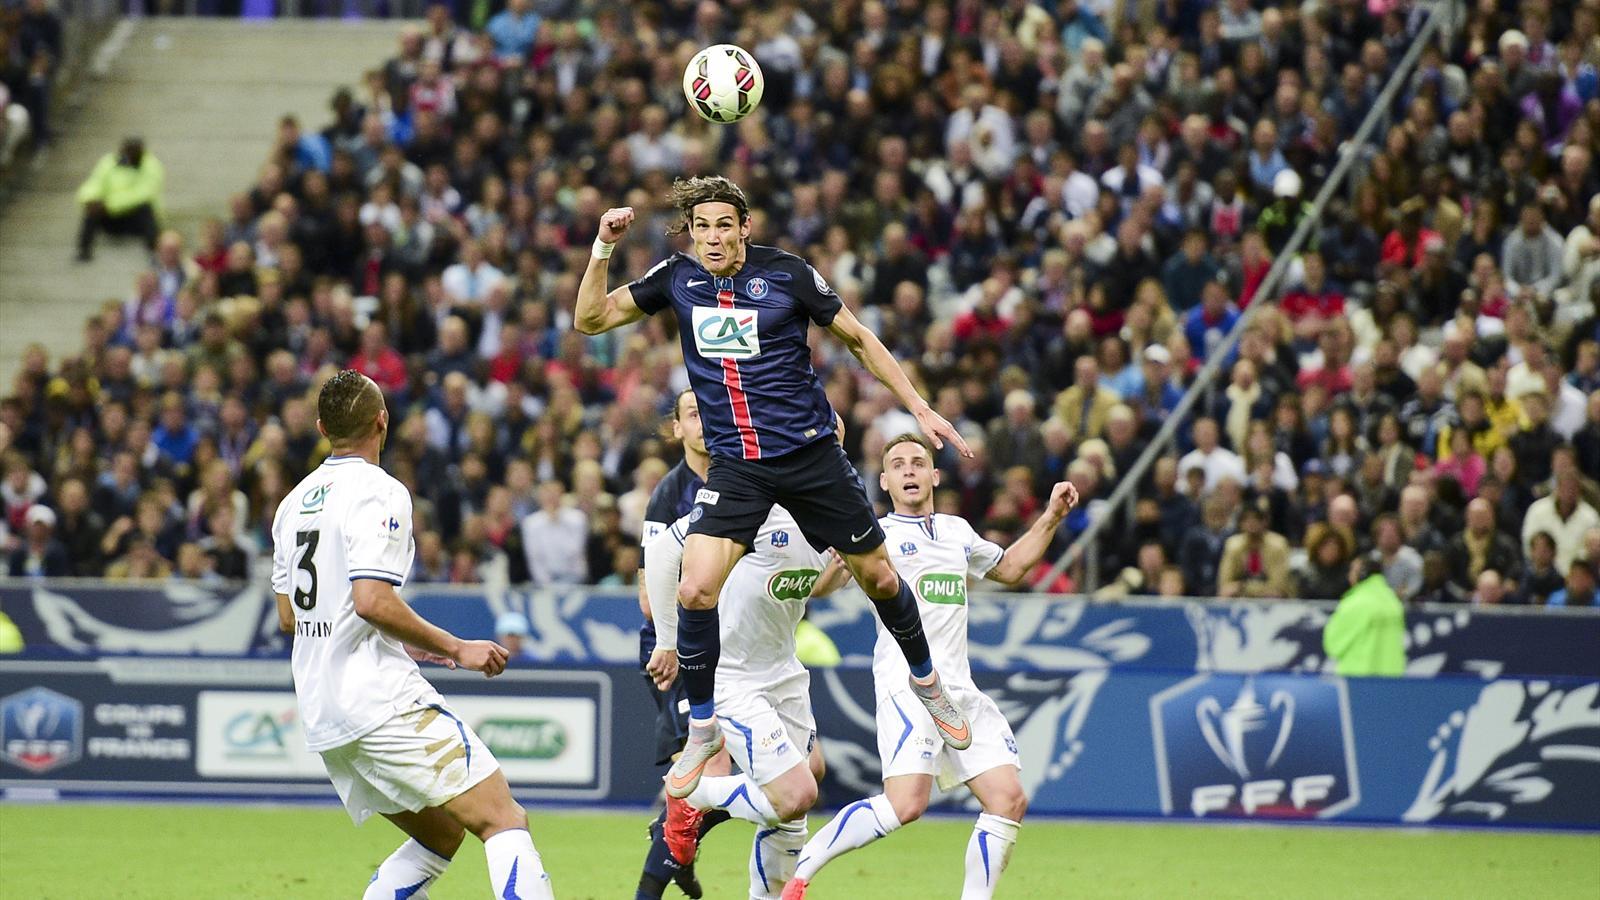 Video coupe de france auxerre psg les temps forts - Resultats coupe de france football 2015 ...